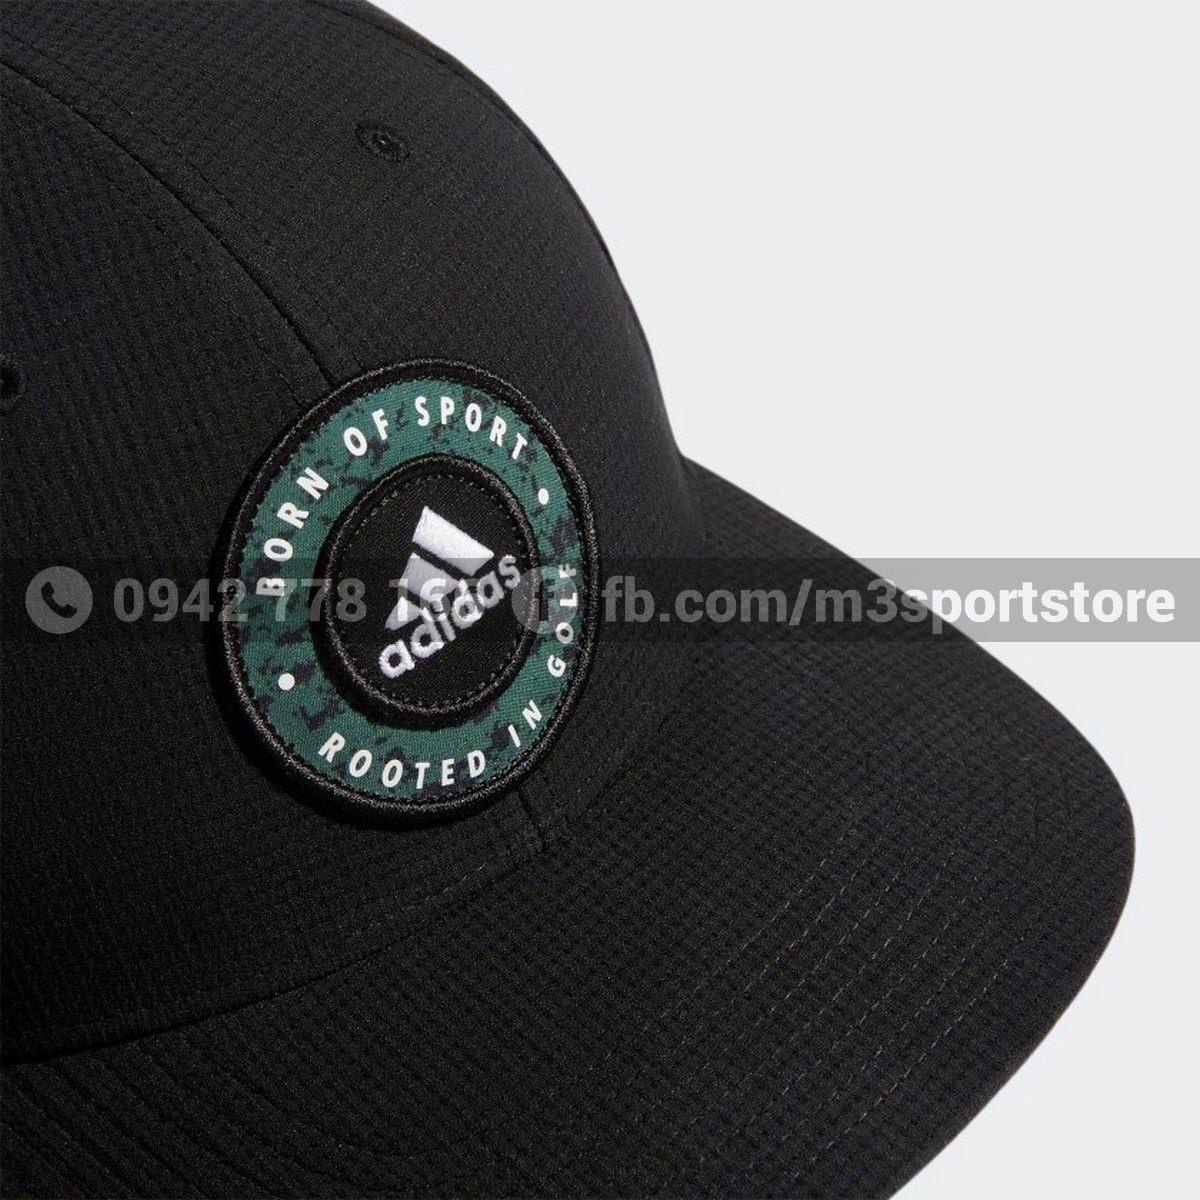 Mũ thể thao Adidas Snapback Circle Patch GJ6985